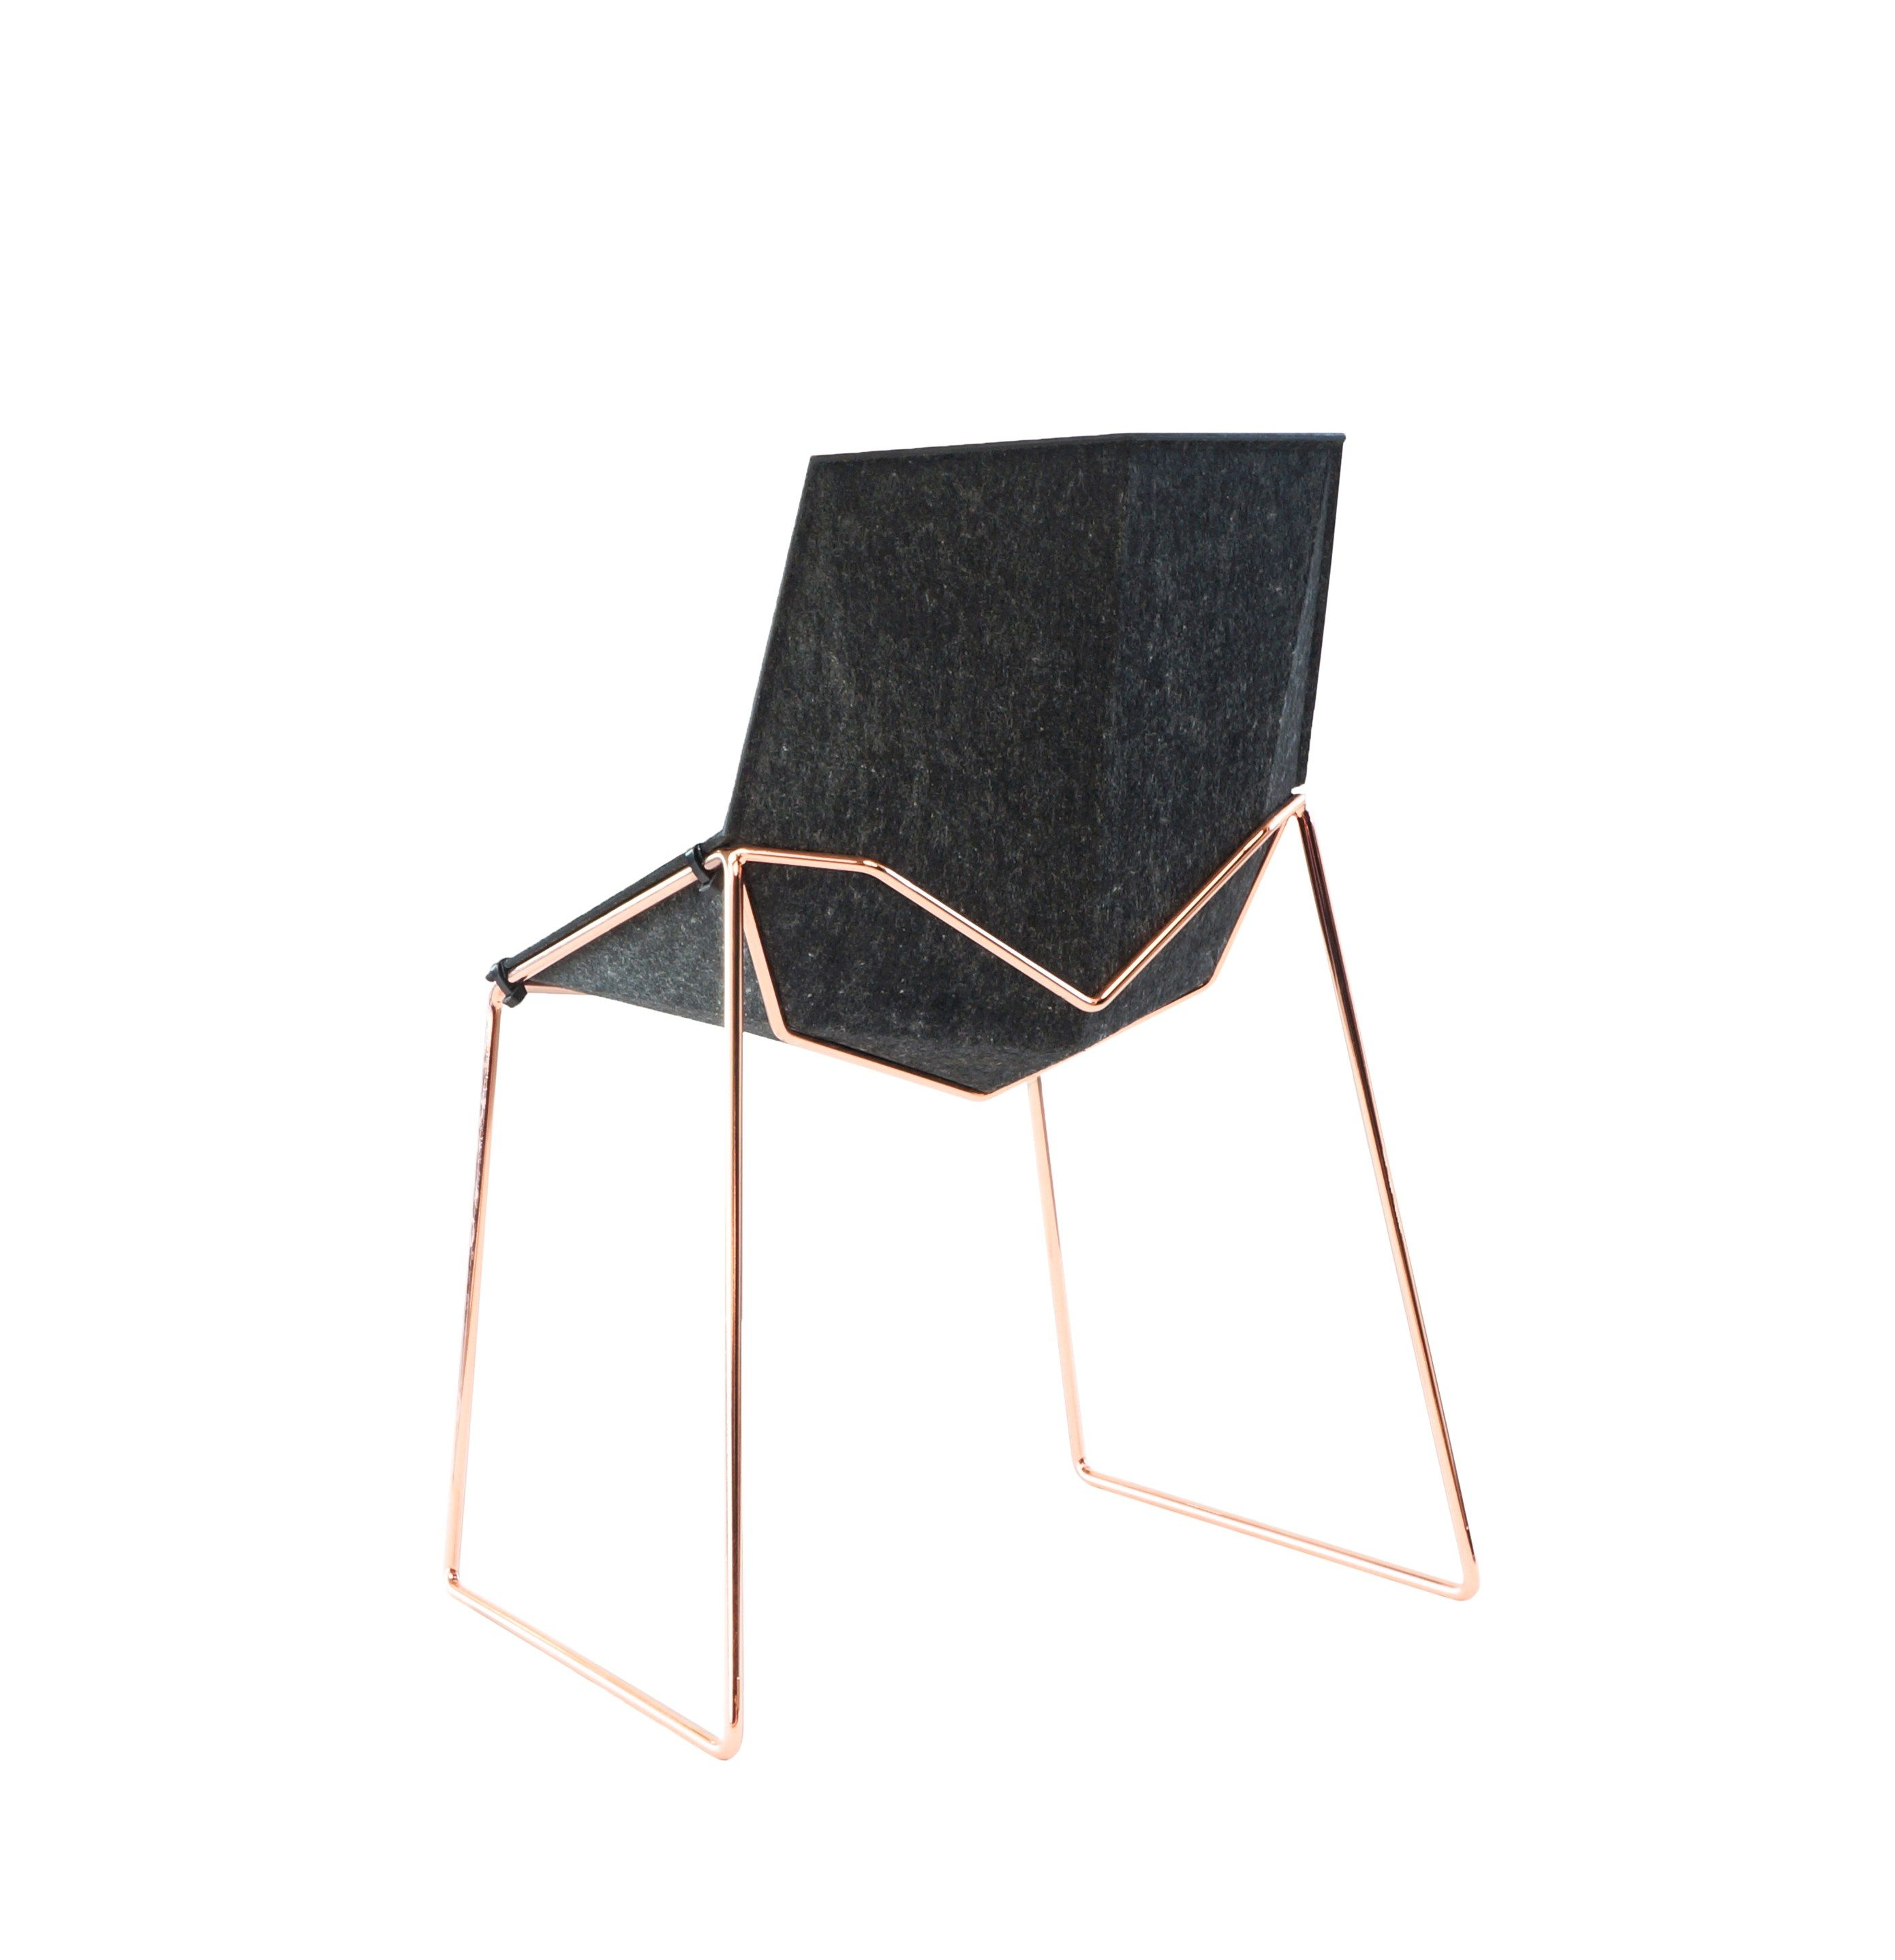 Recycled felt chair NICO LESS beatnikchair